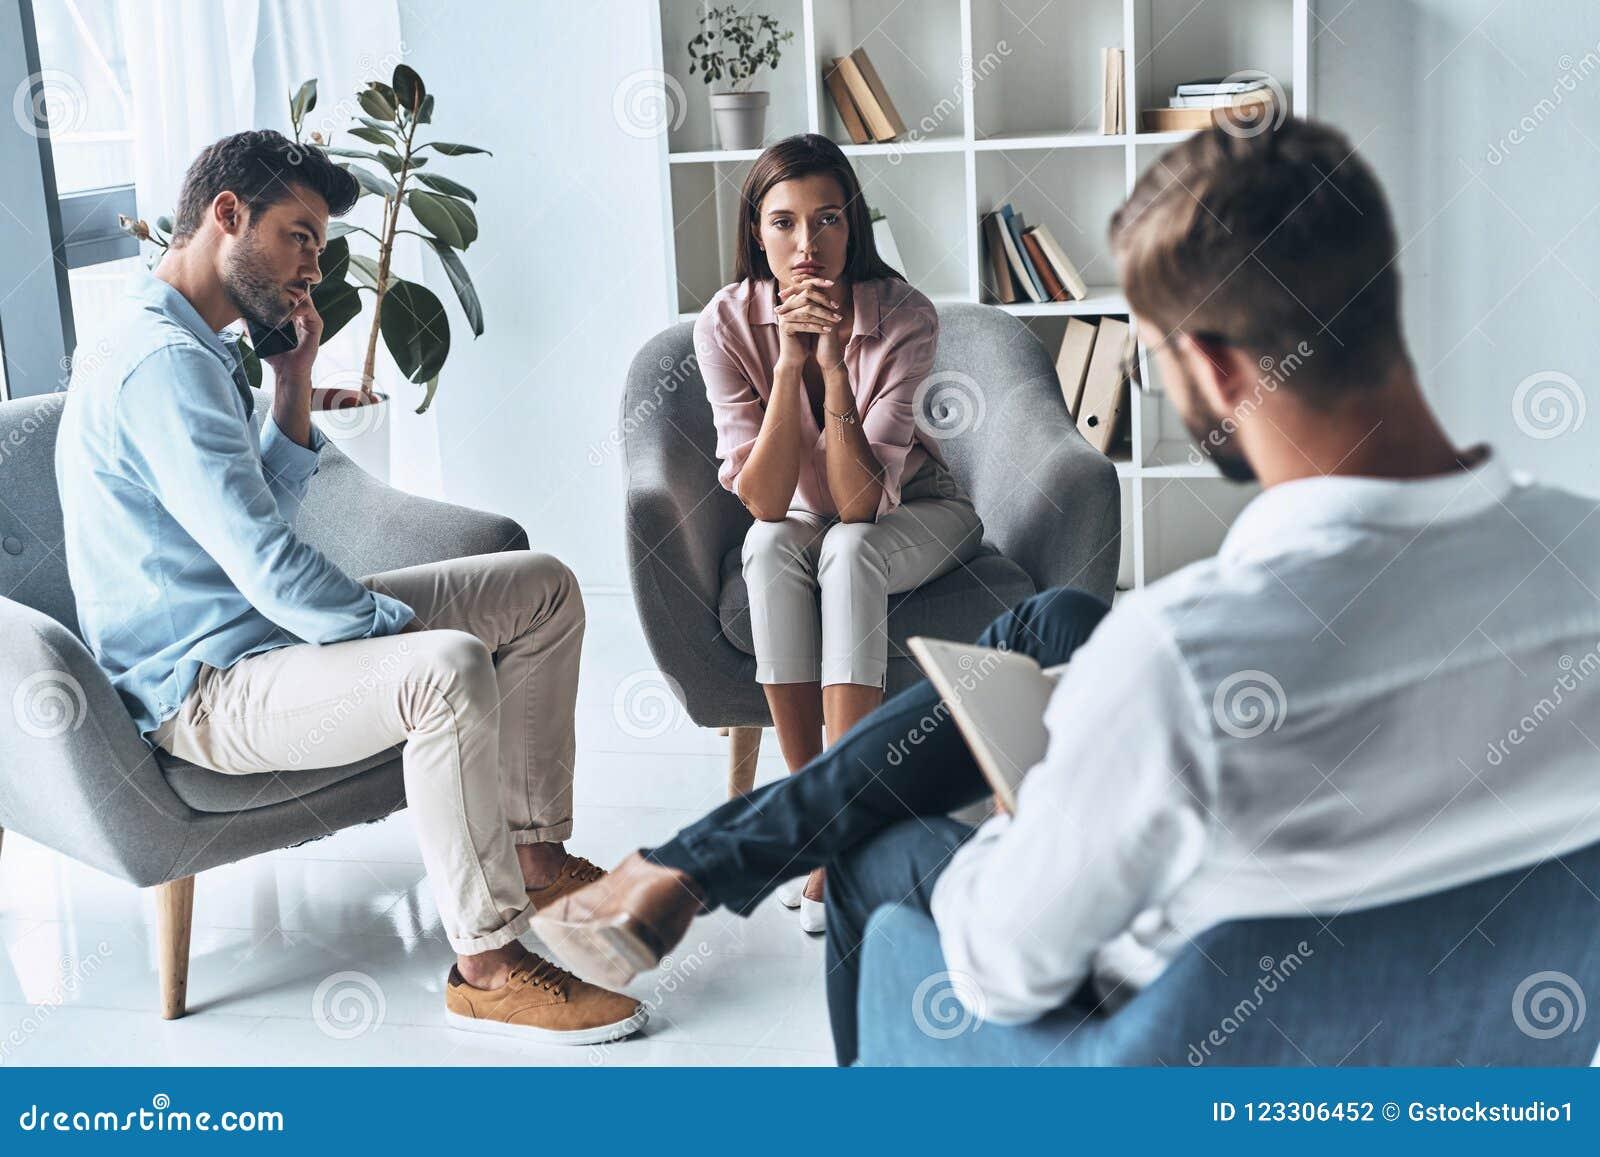 Dating in las vegas free